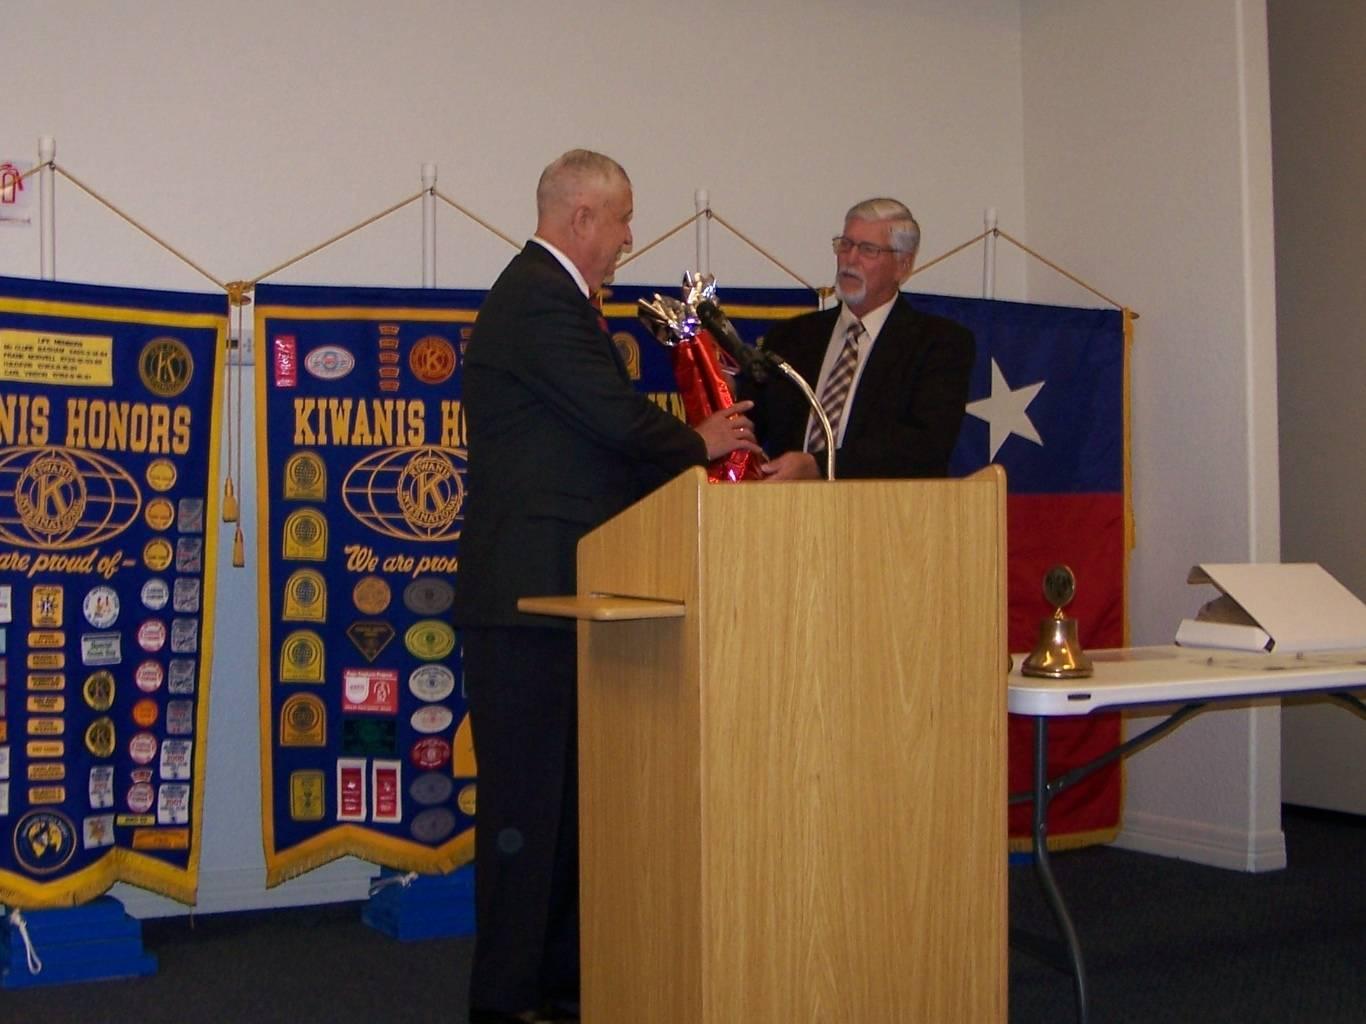 Charles Sweeney & Pete Laessig